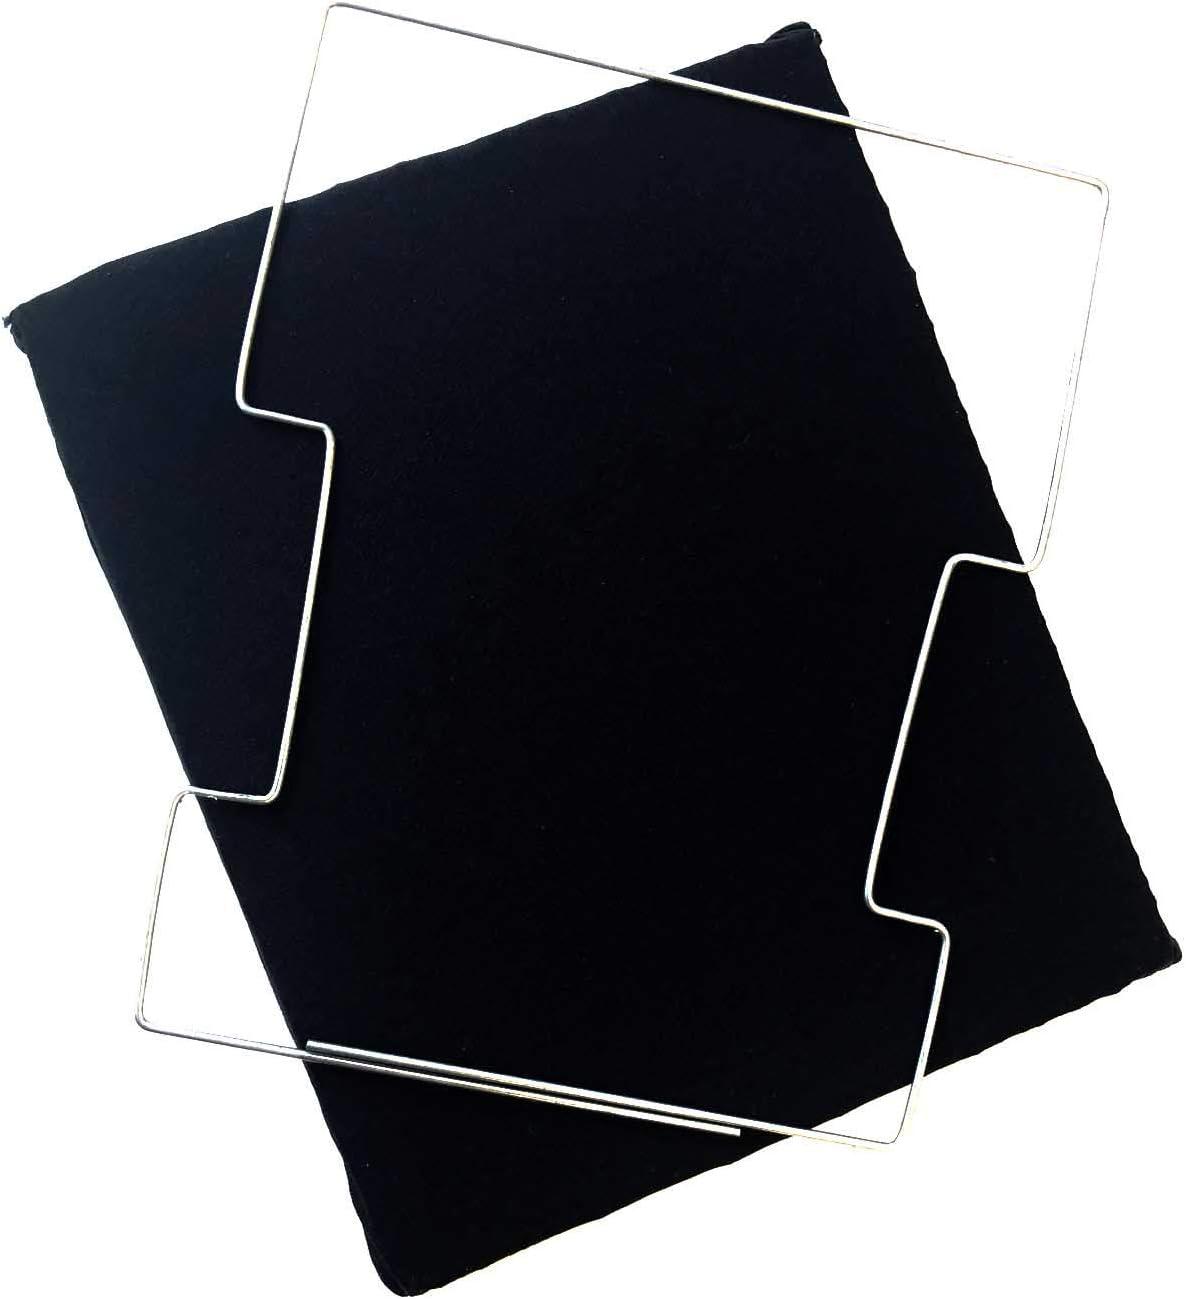 2 filtros de carbón activo universal tipo 020 lavables, filtro para campana extractora, filtro de carbono para circulación de aire, tamaño 22 cm x 18 cm x 2 cm, para muchos modelos